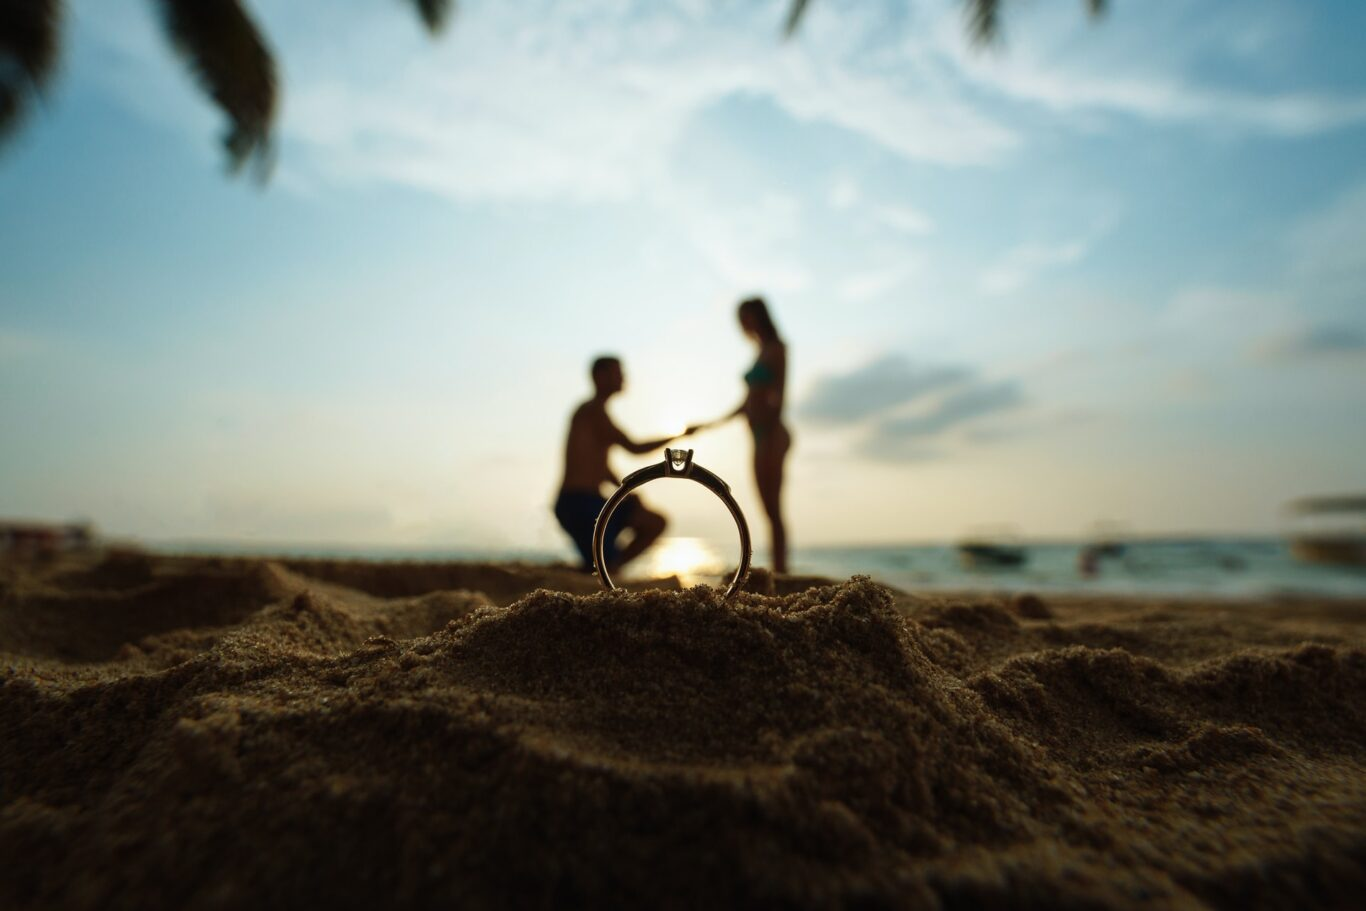 πρόταση γάμου στην παραλία